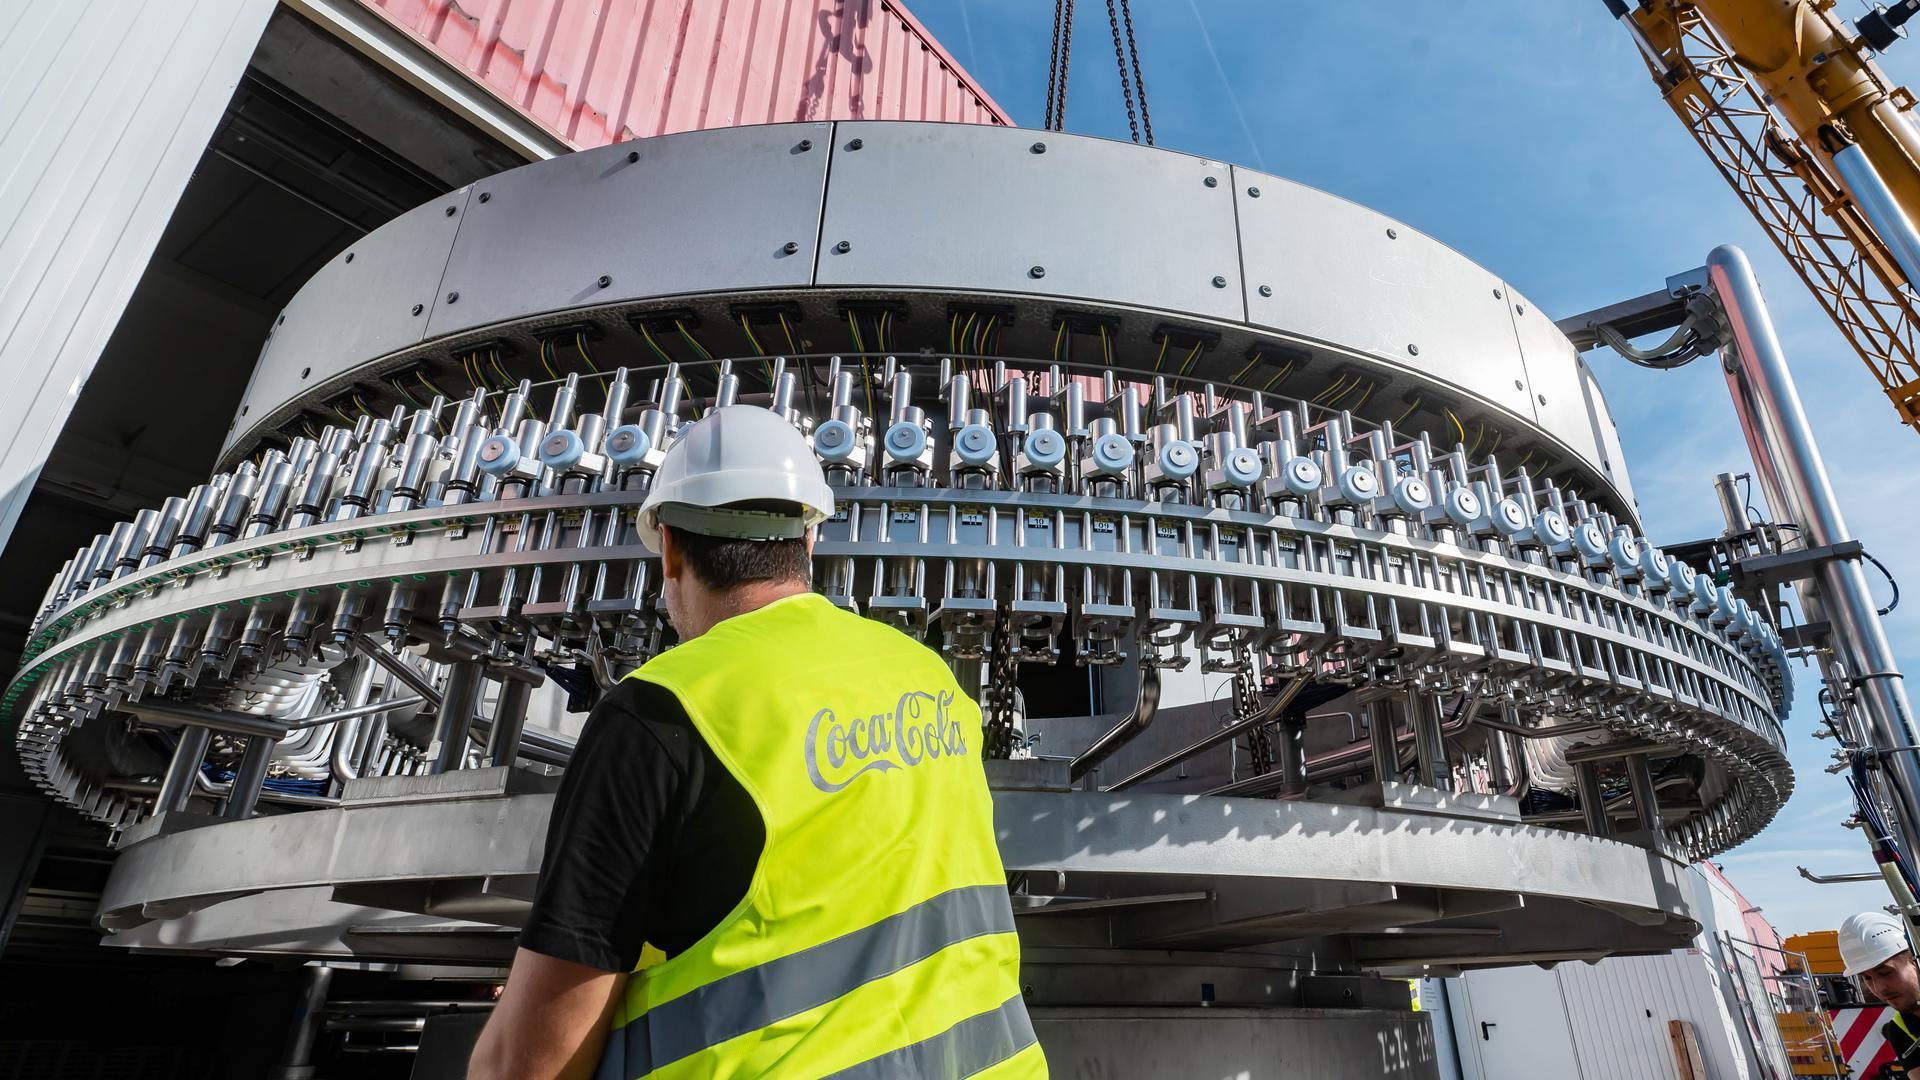 Der sogenannte Füller wird auf Schwerlastrollbrettern in die Produktionshalle von Coca-Cola in Karlsruhe gebracht. Zwischen Werkstor und Füller ist nur einen Finger breit Platz.